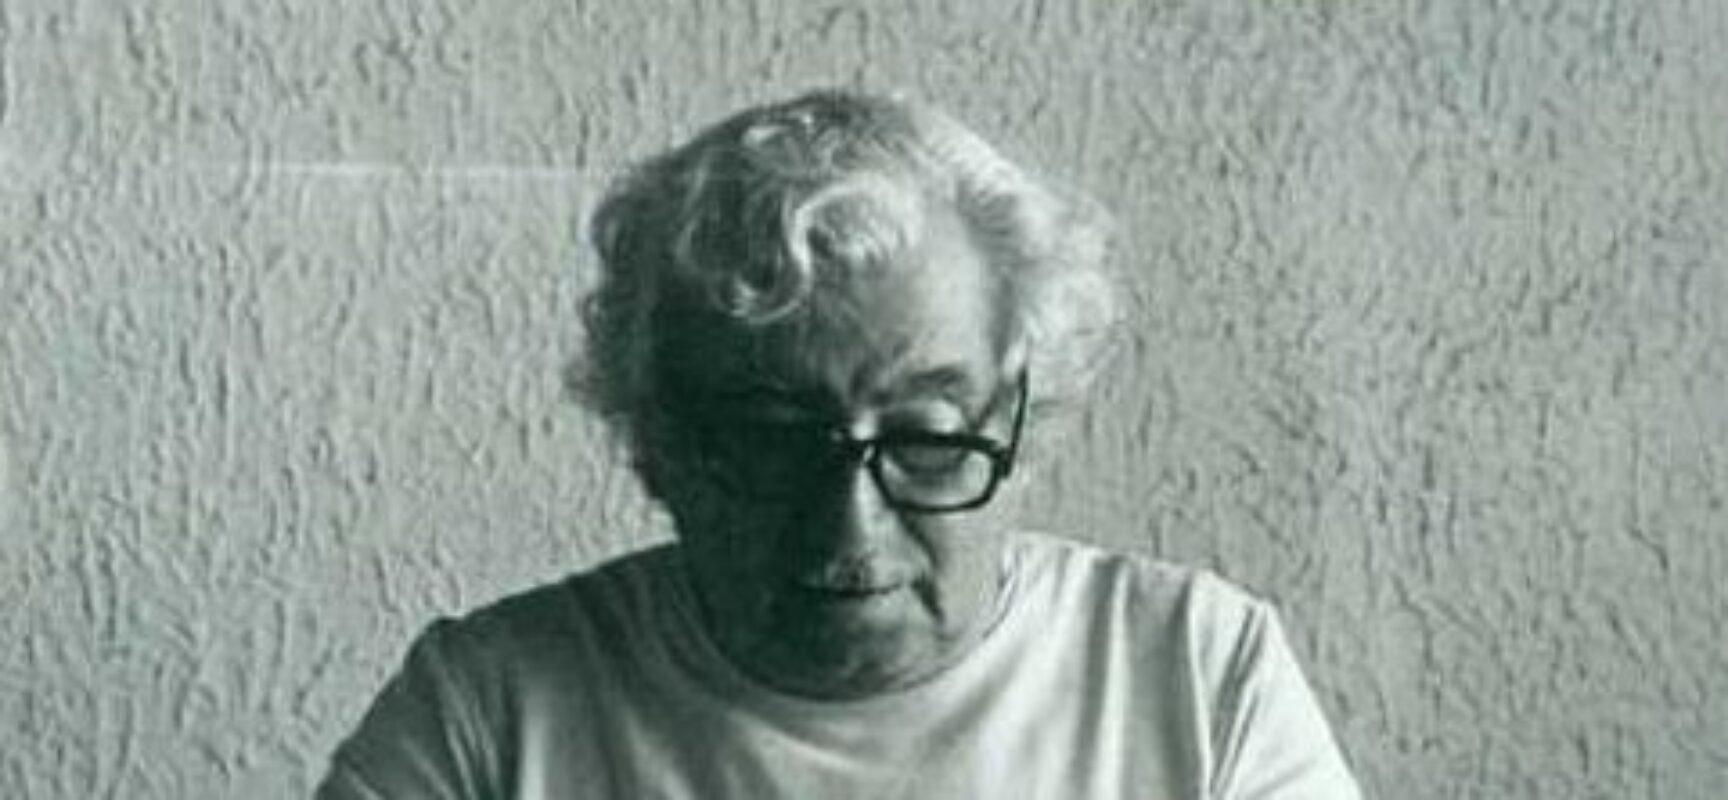 Ilhéus: Apresentações culturais marcam aniversário de Jorge Amado nesta terça-feira